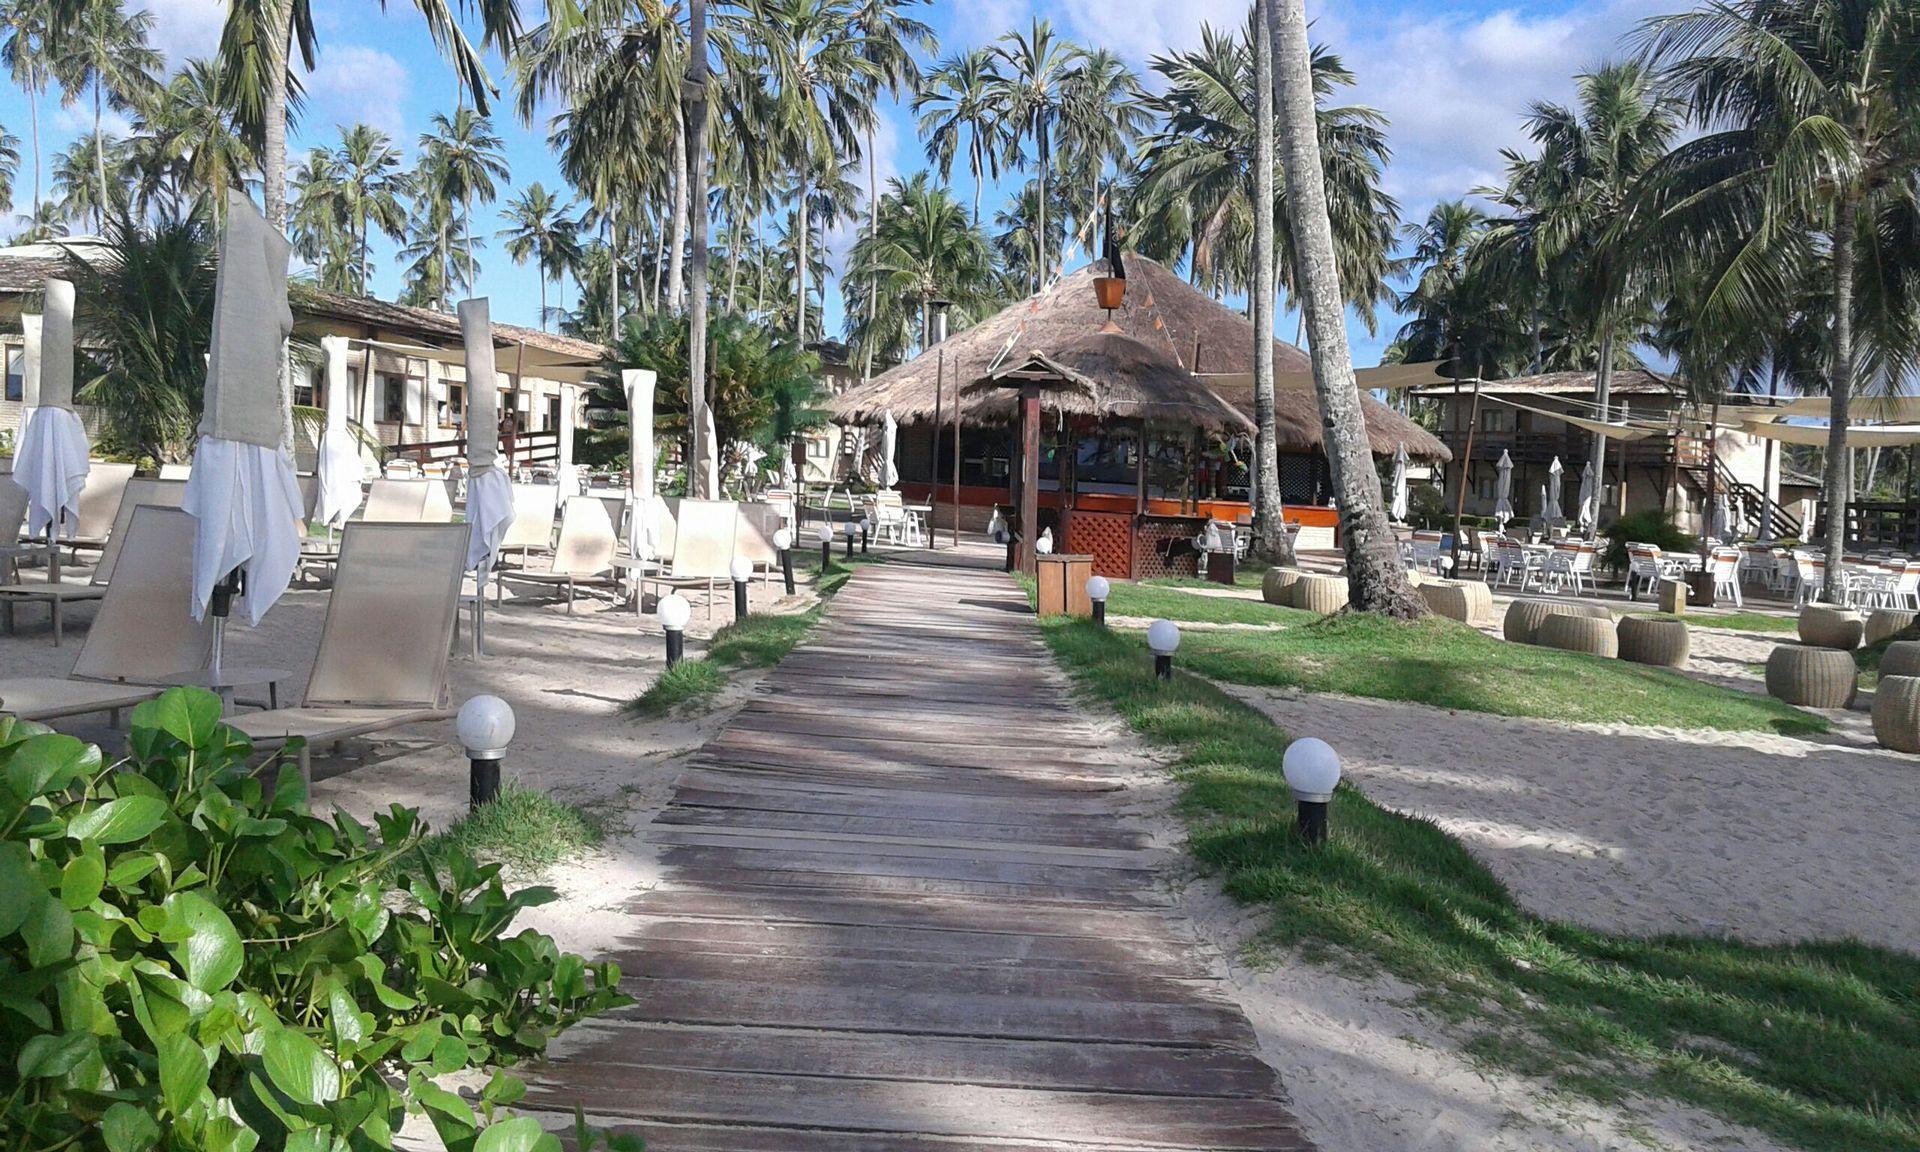 Gran Oca de Maragogi Resort ofrece a los huéspedes todas las comidas Buffet, aquagym, bingo, clases de baile y espectáculos nocturnos entre otros